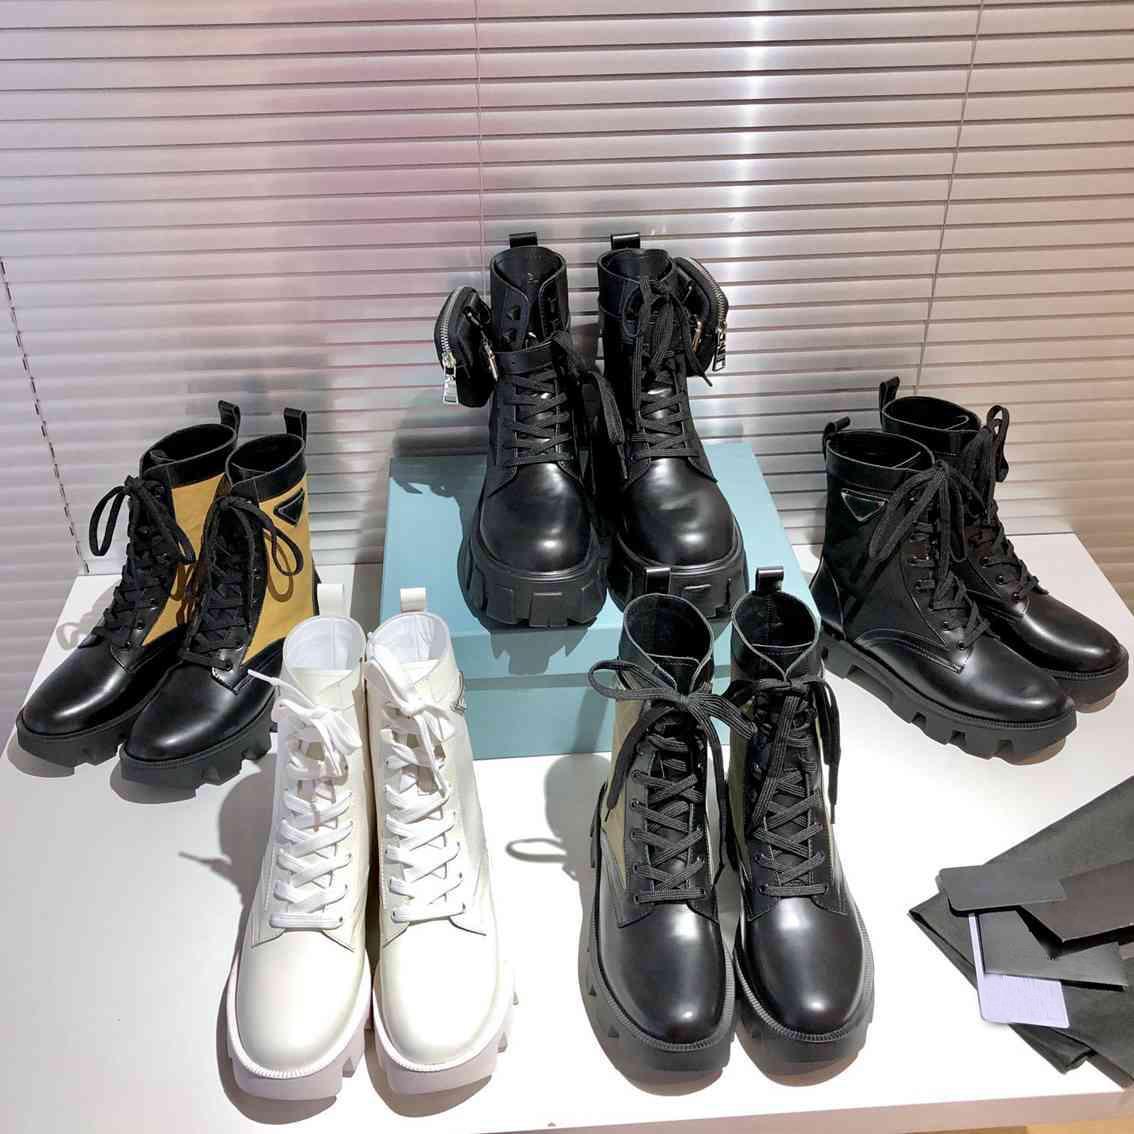 2021 Çok Yönlü Bahar Kadın Martin Çizmeler Hafif Dantel Yukarı Düşük Topuk Kısa Bootis Hakiki Deri Kadın Boot ile Kutusu